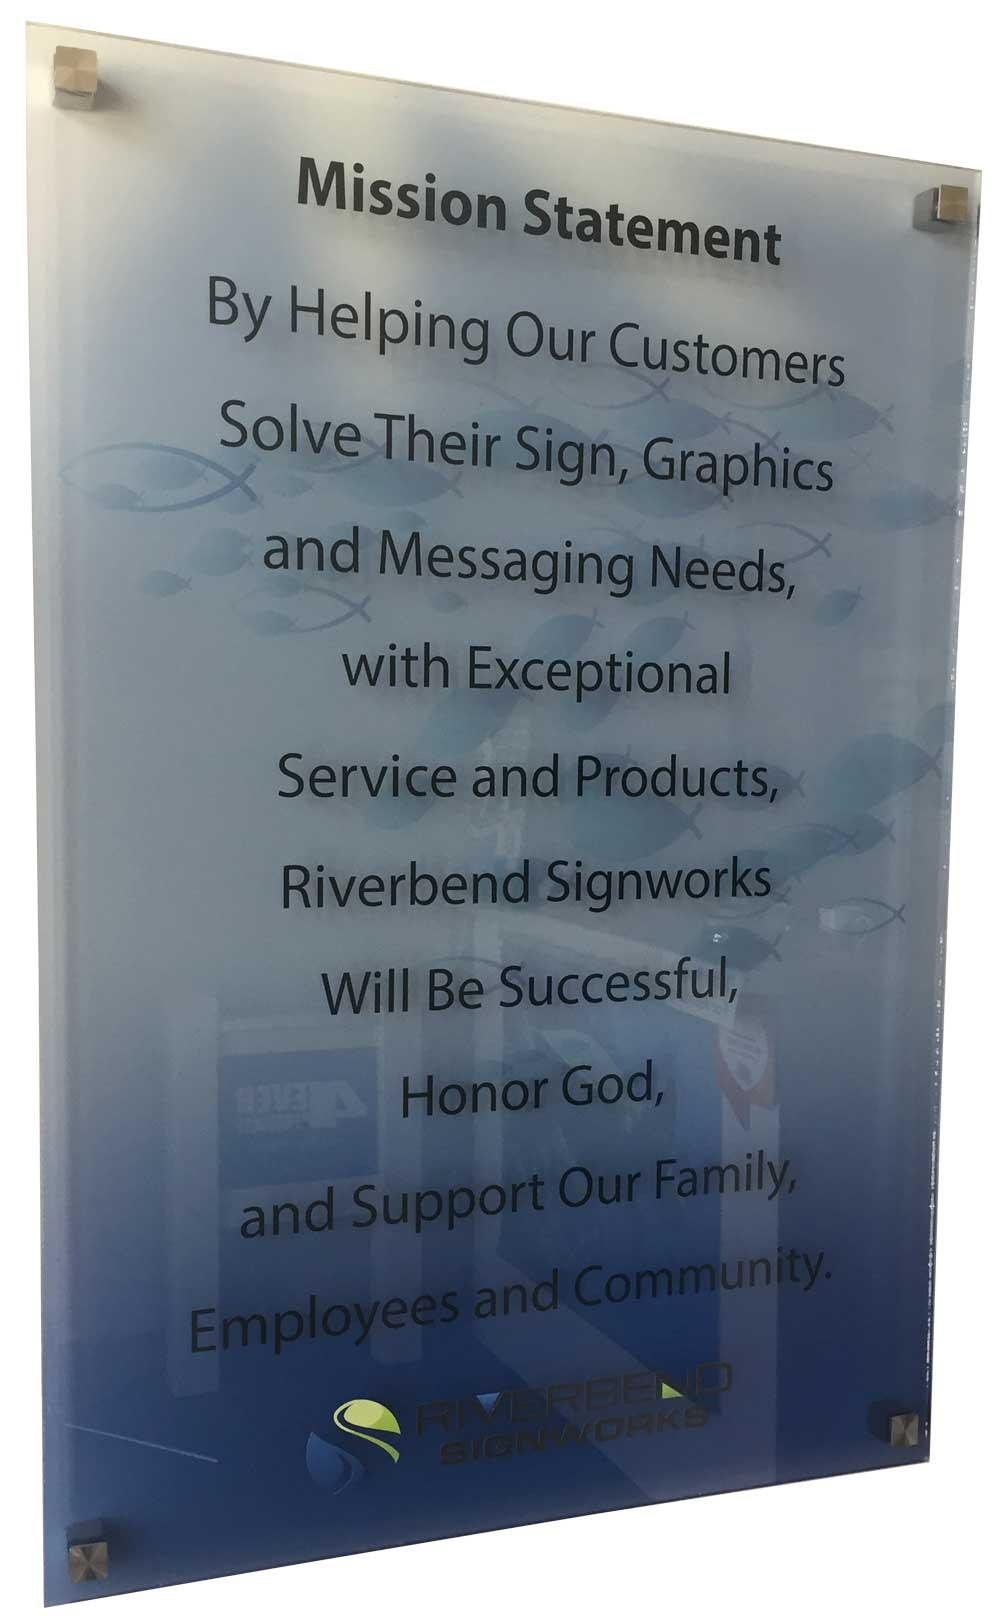 Mission Statement at Riverbend Signworks